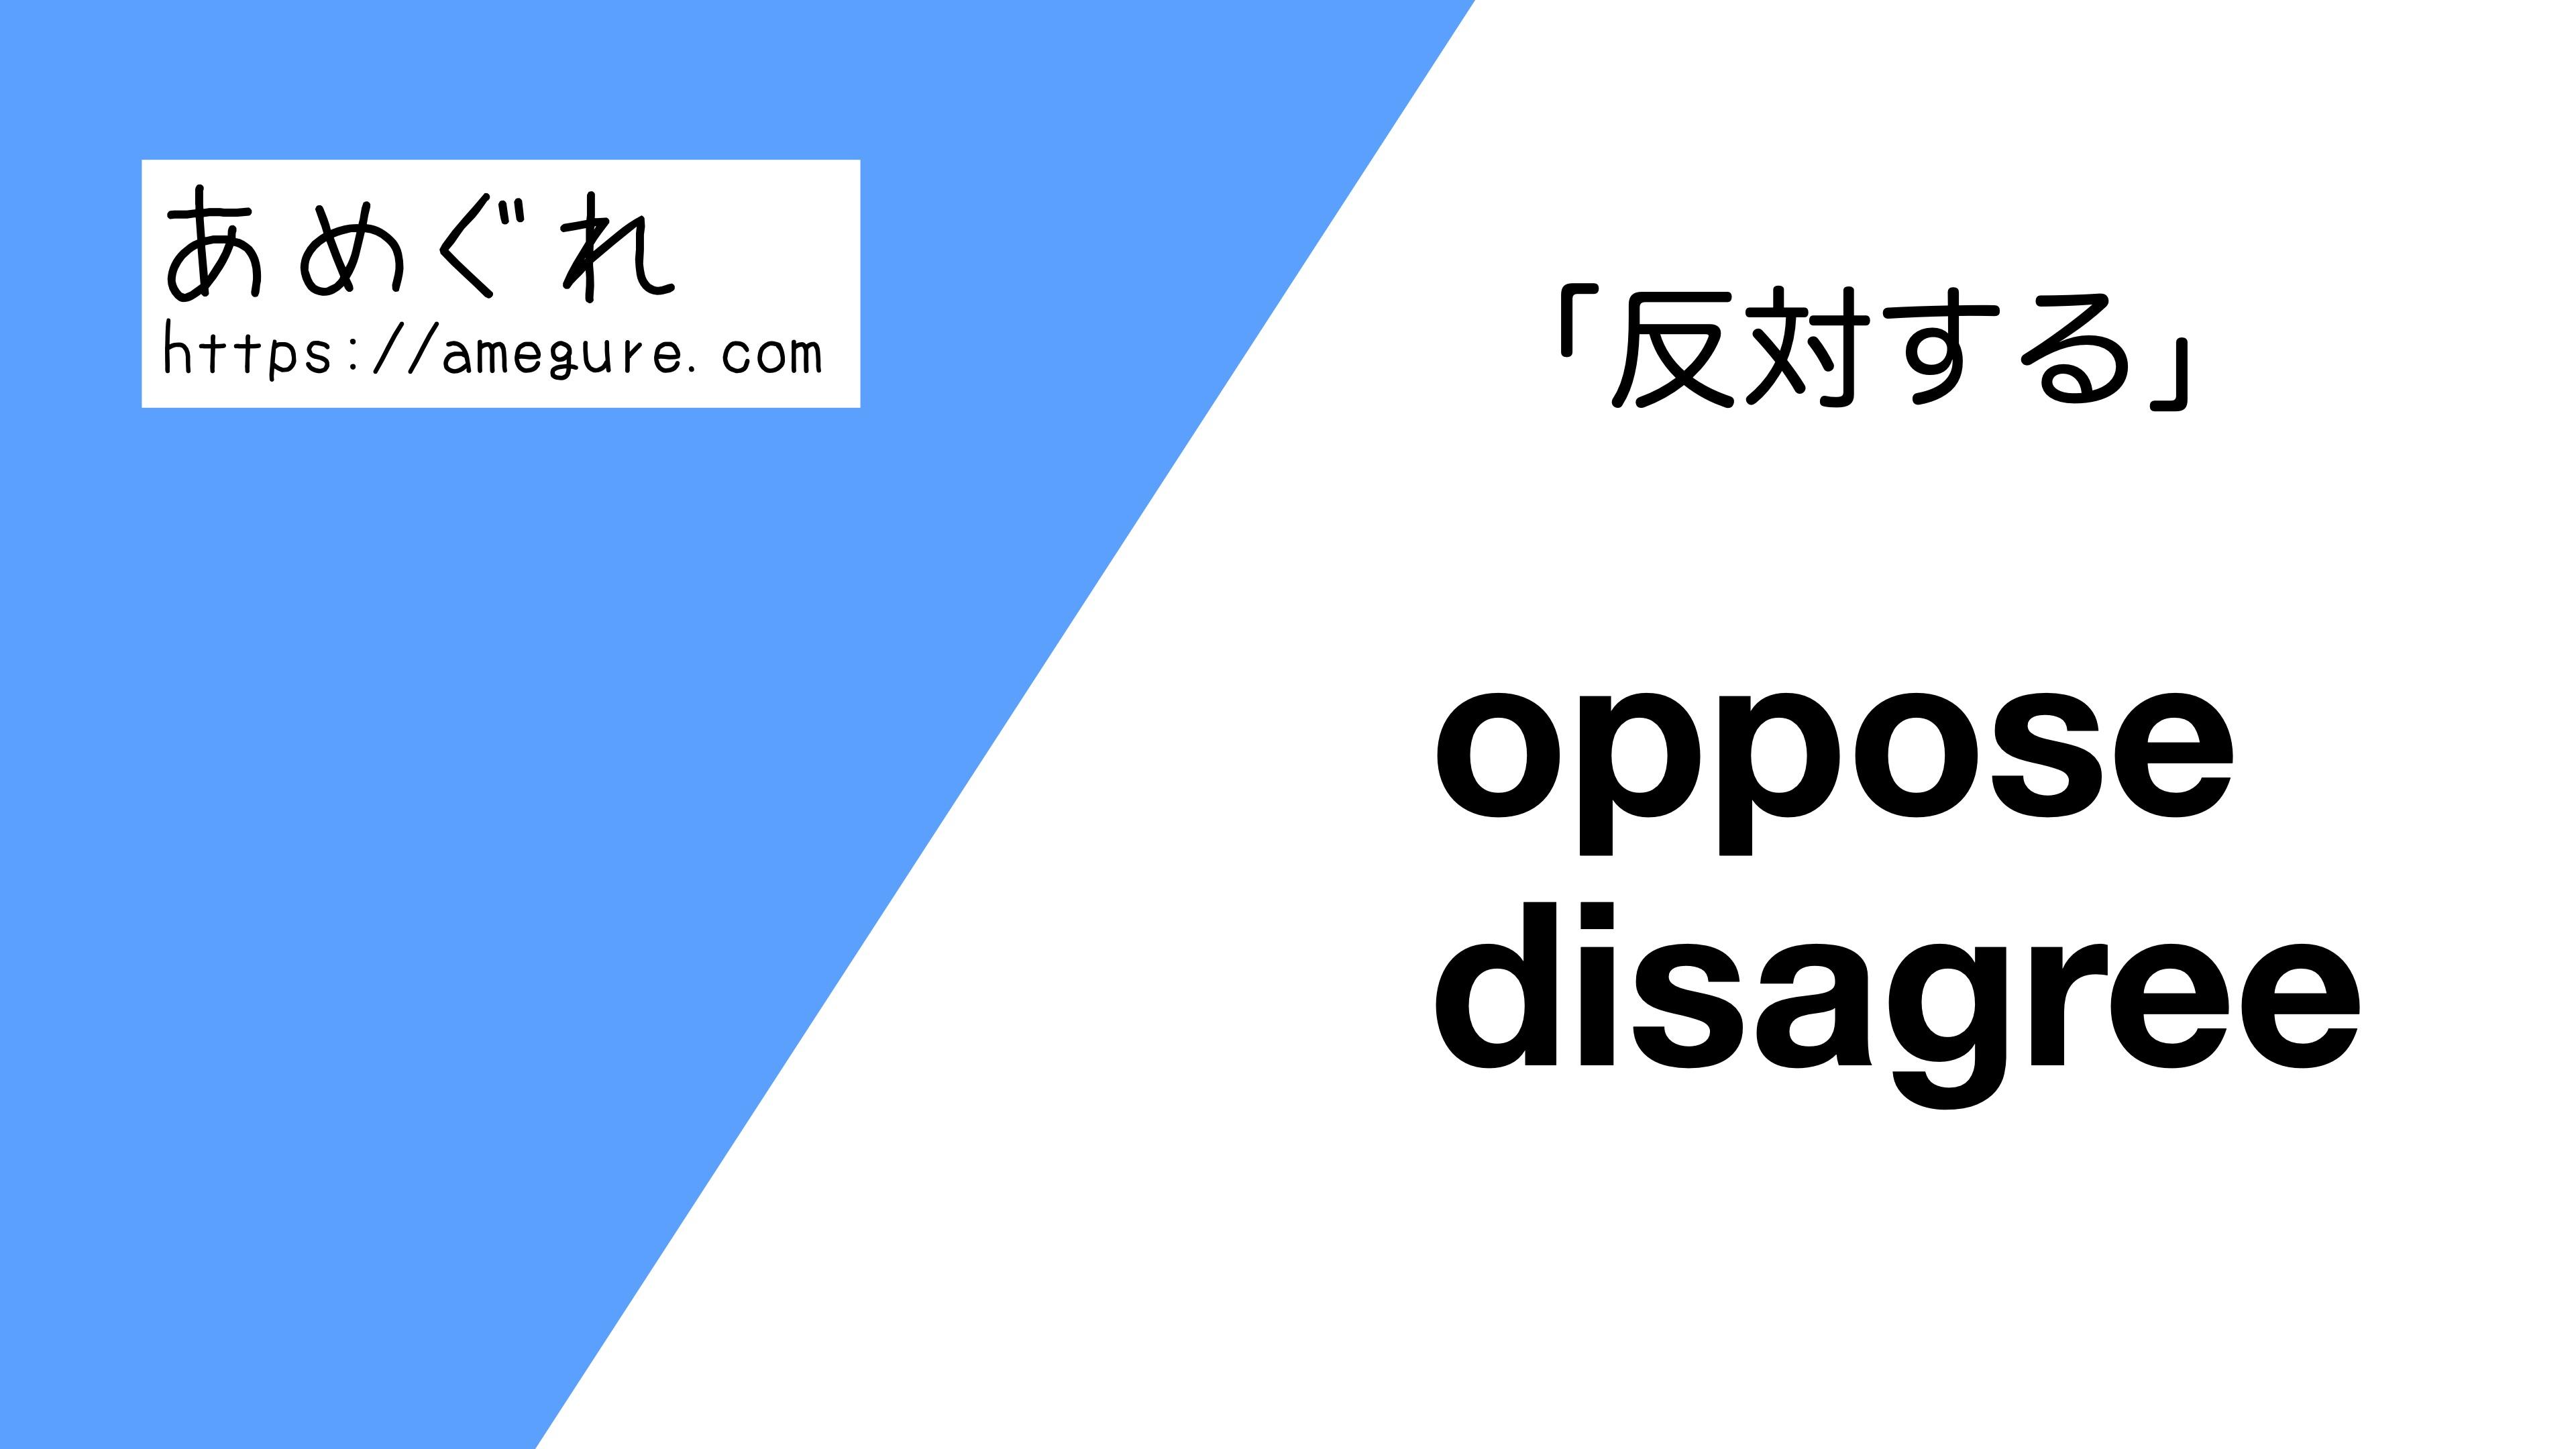 oppose-disagree違い